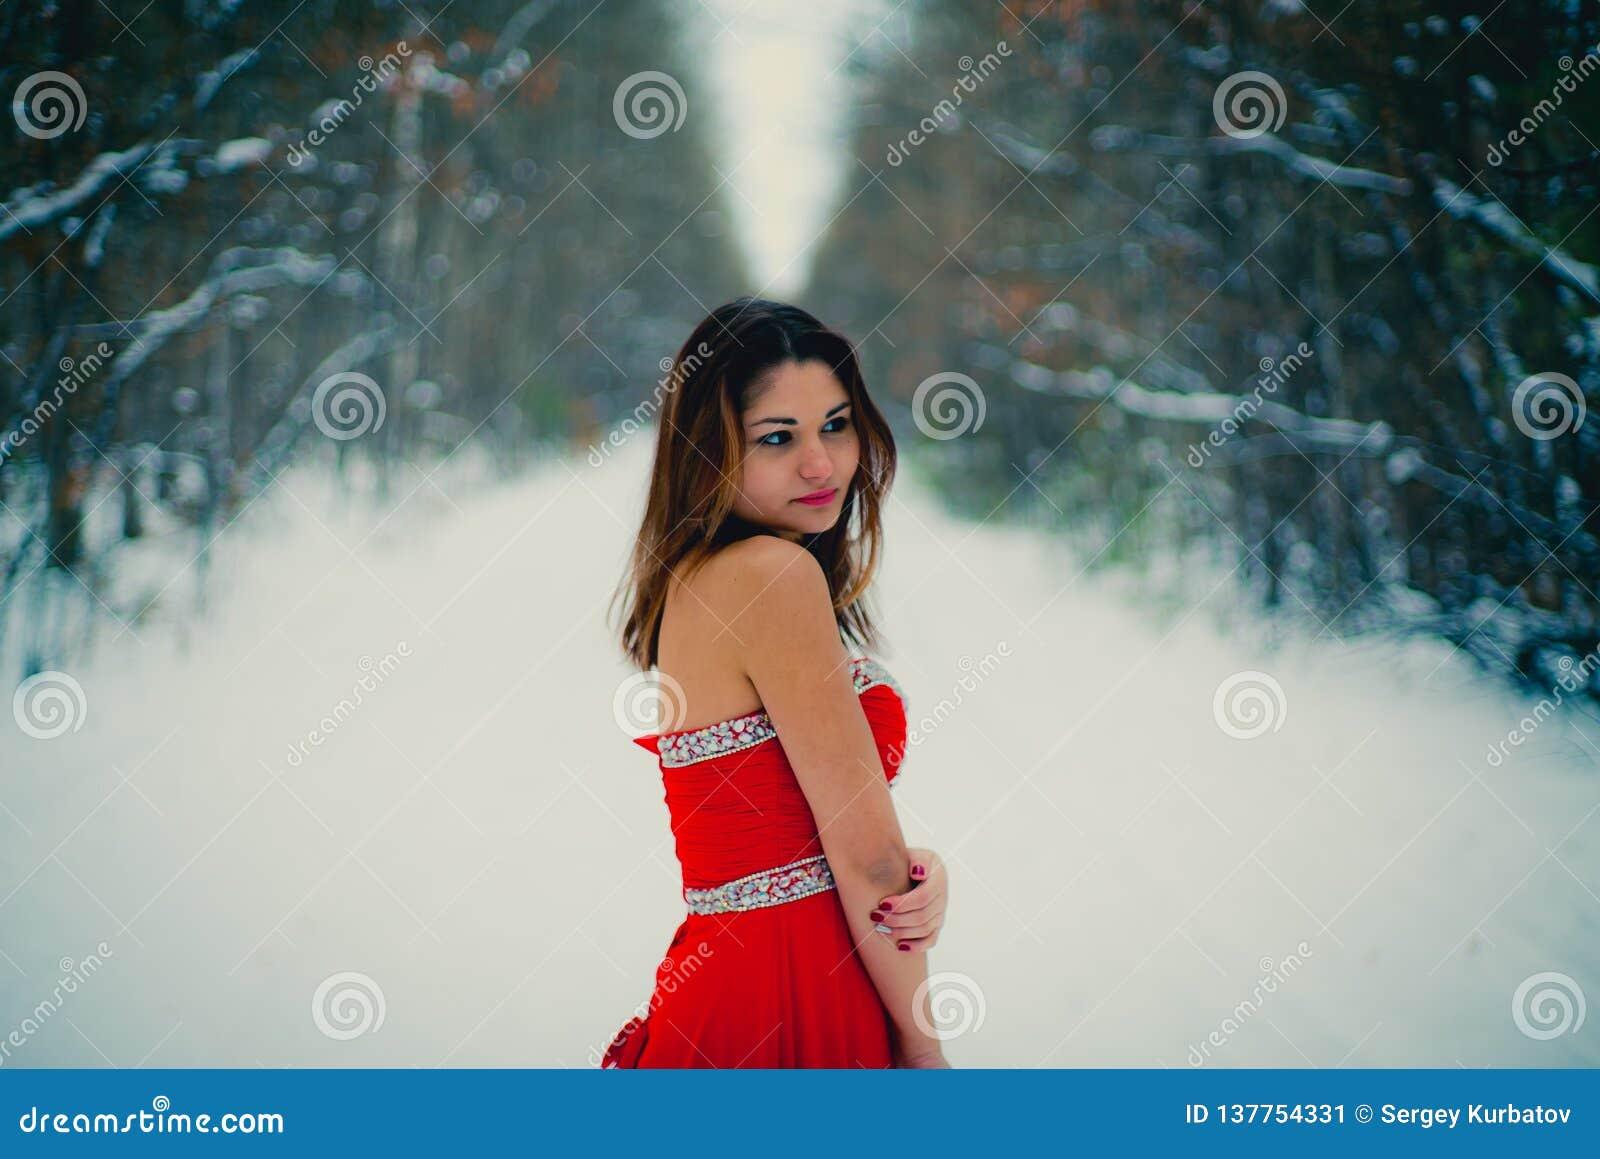 Donna in vestito rosso La Siberia, inverno in foresta, molto fredda